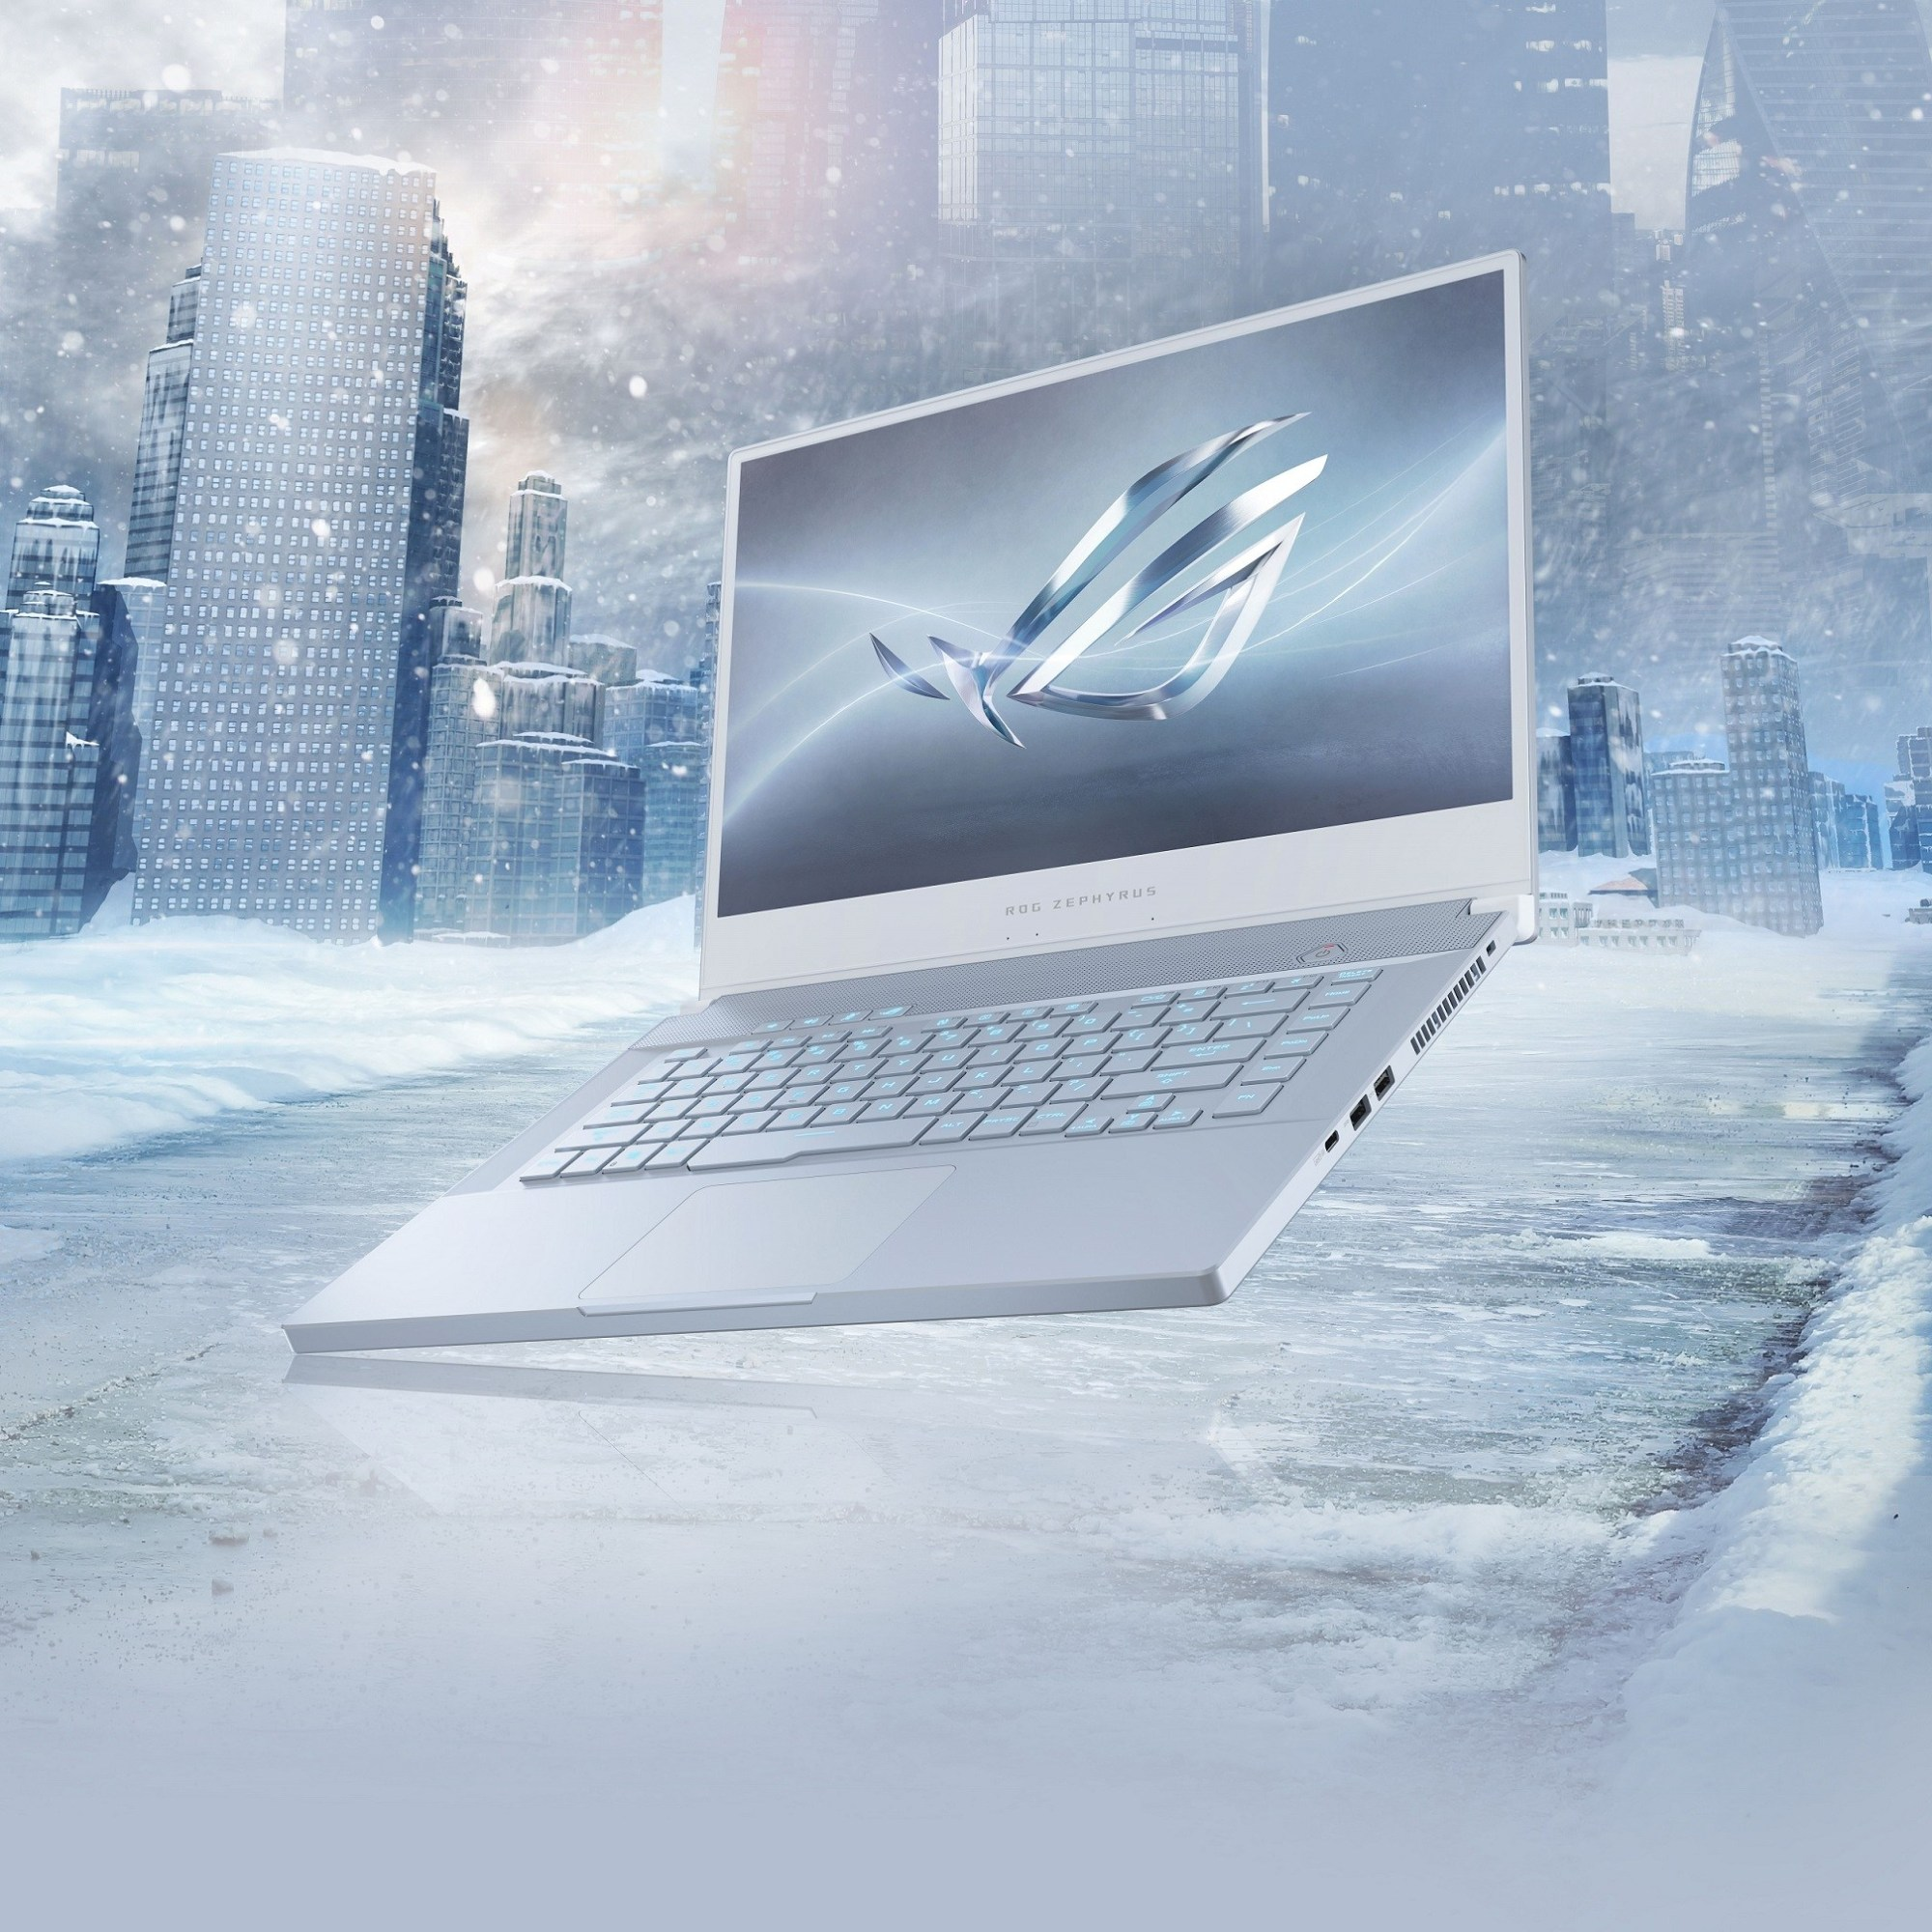 ROG玩家共和國旗下三款電競筆電推出「冰河藍」潮流新色,搭配精緻亮眼的髮絲紋設計,為電競筆電換上全新面貌。.jpg